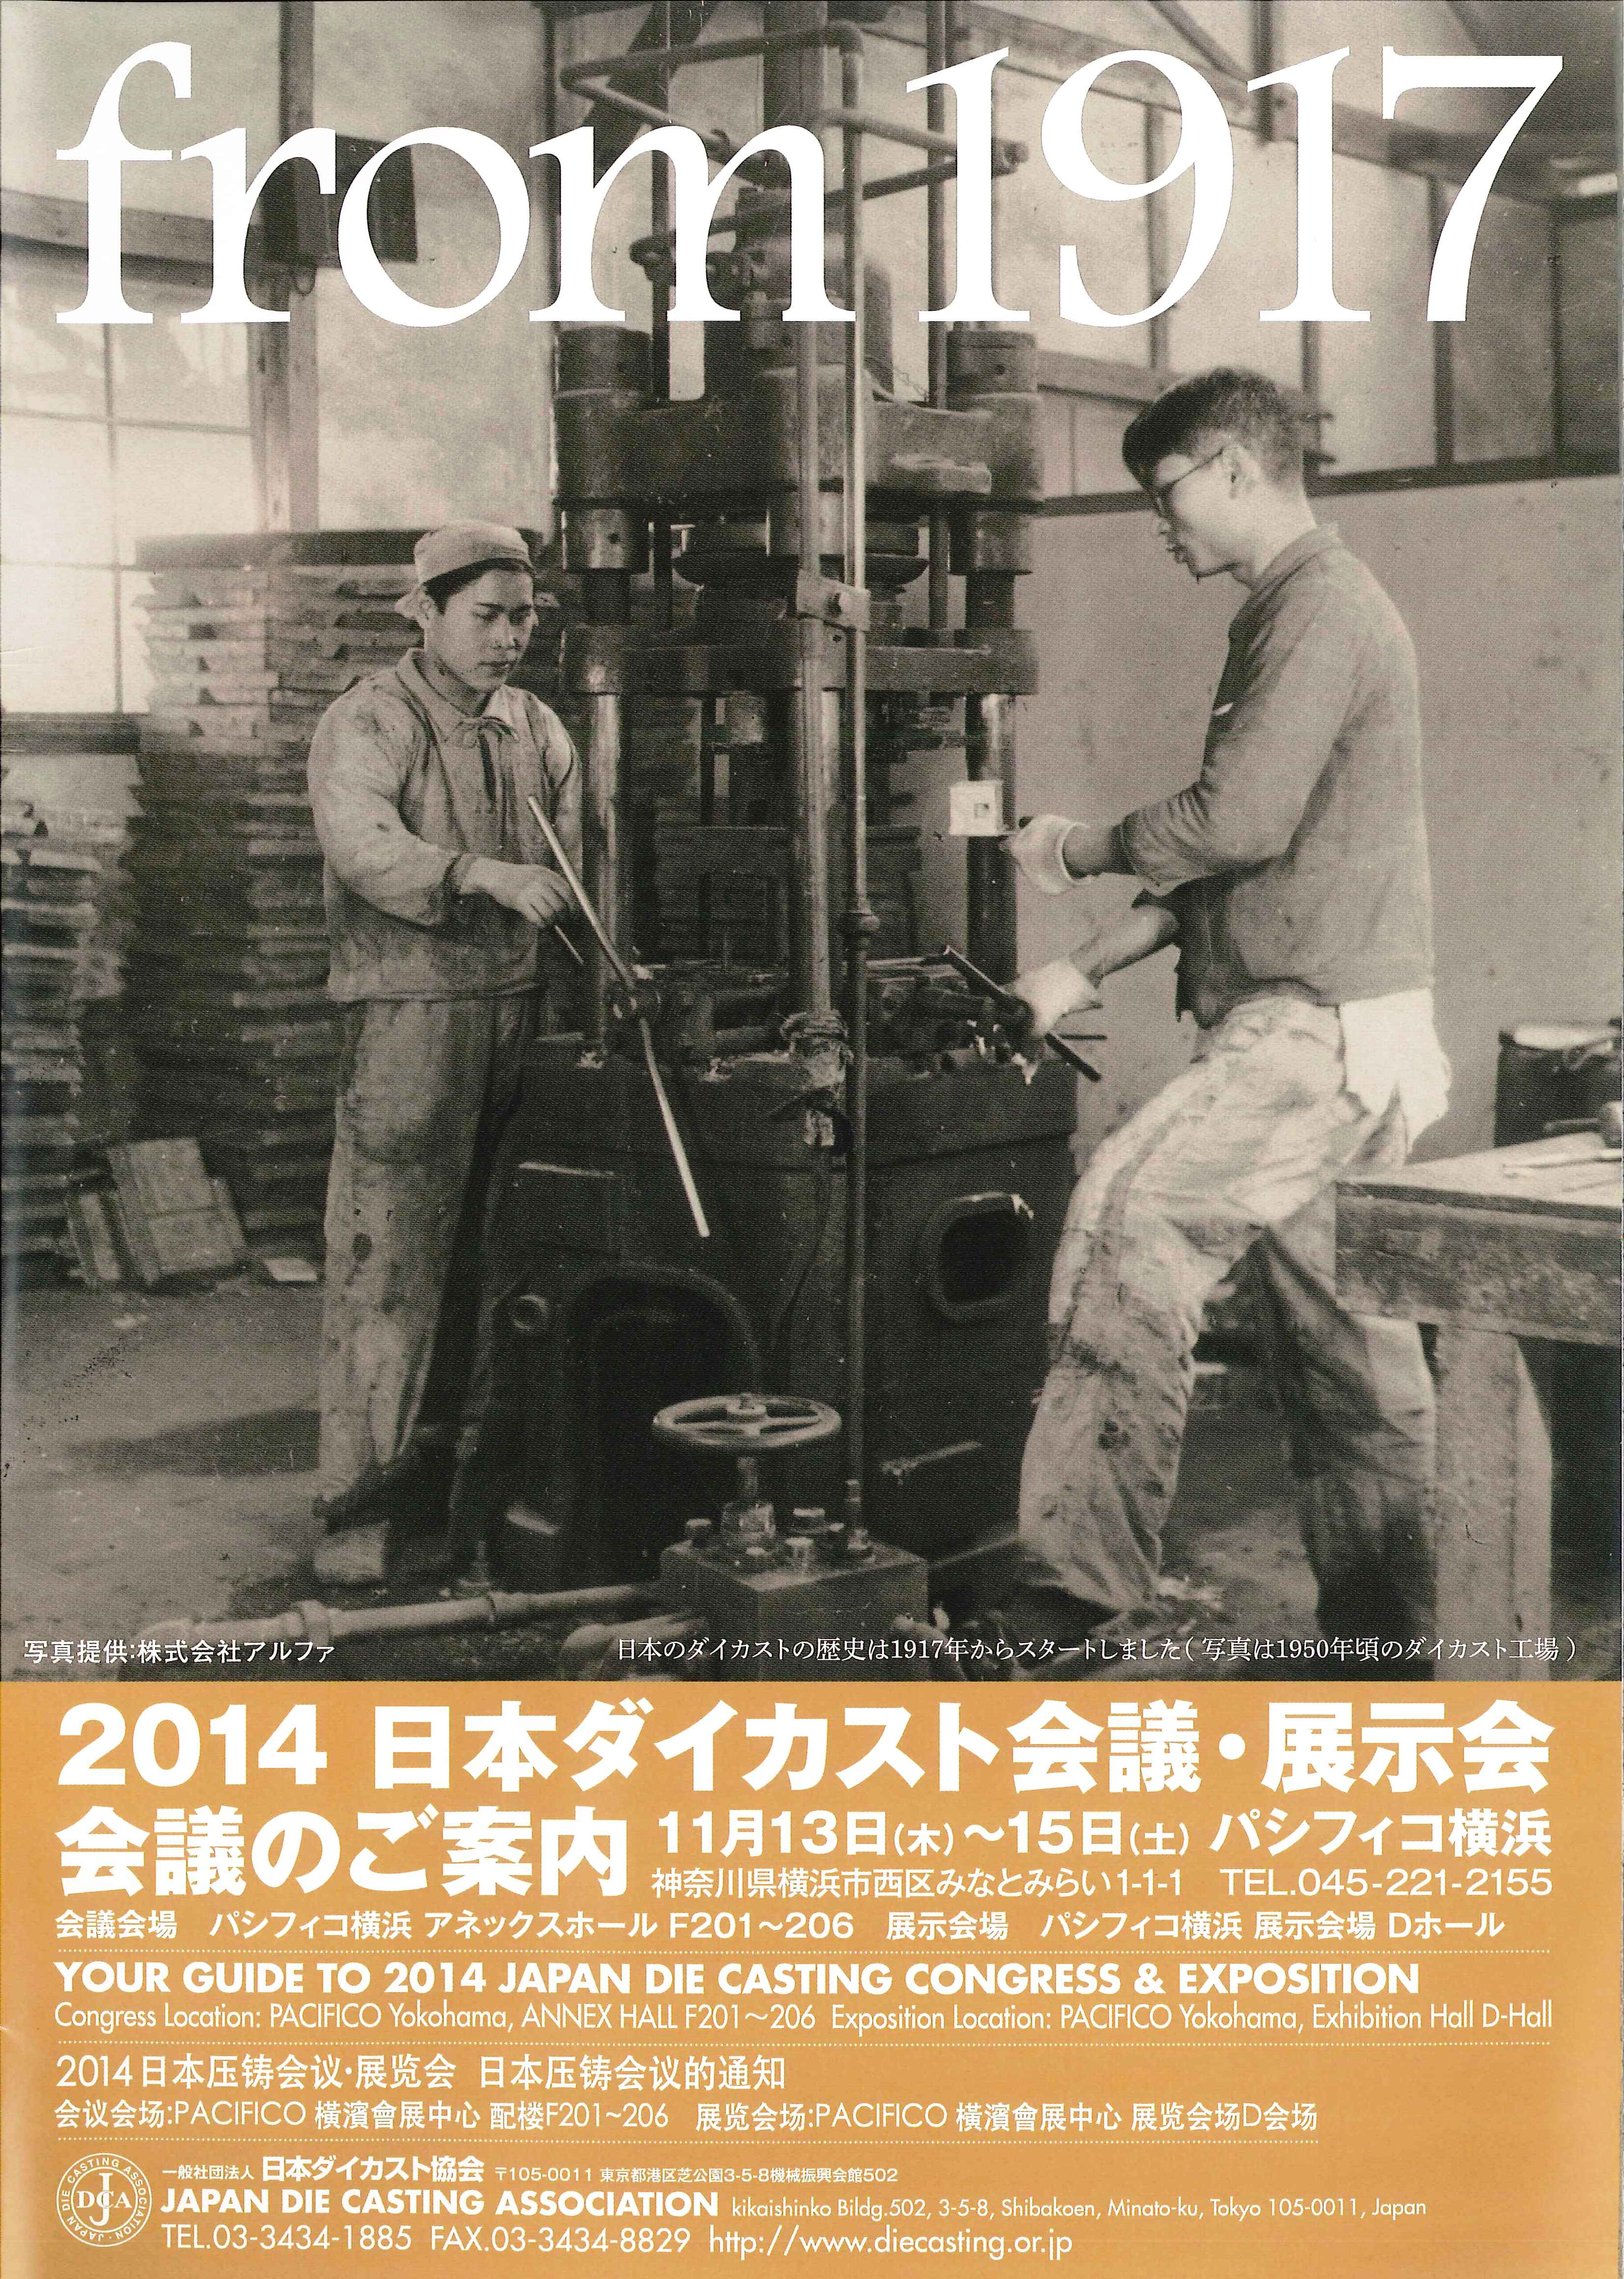 ダイカスト 協会 日本